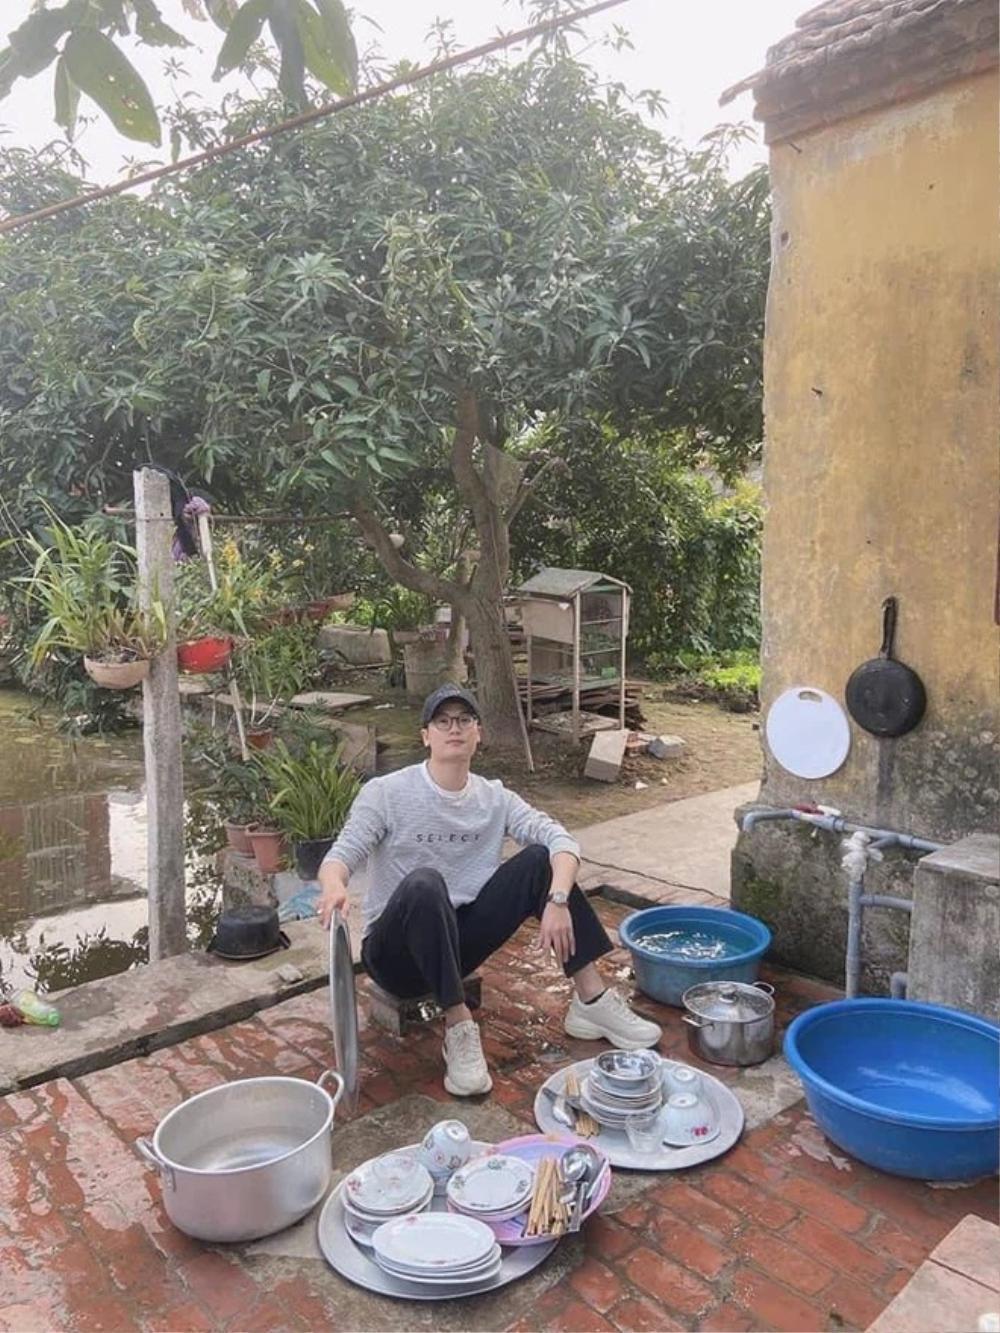 Thanh niên điển trai bị gia đình bắt rửa 3 mâm bát trong dịp Tết, hội chị em mừng rơn khi biết được lí do Ảnh 2